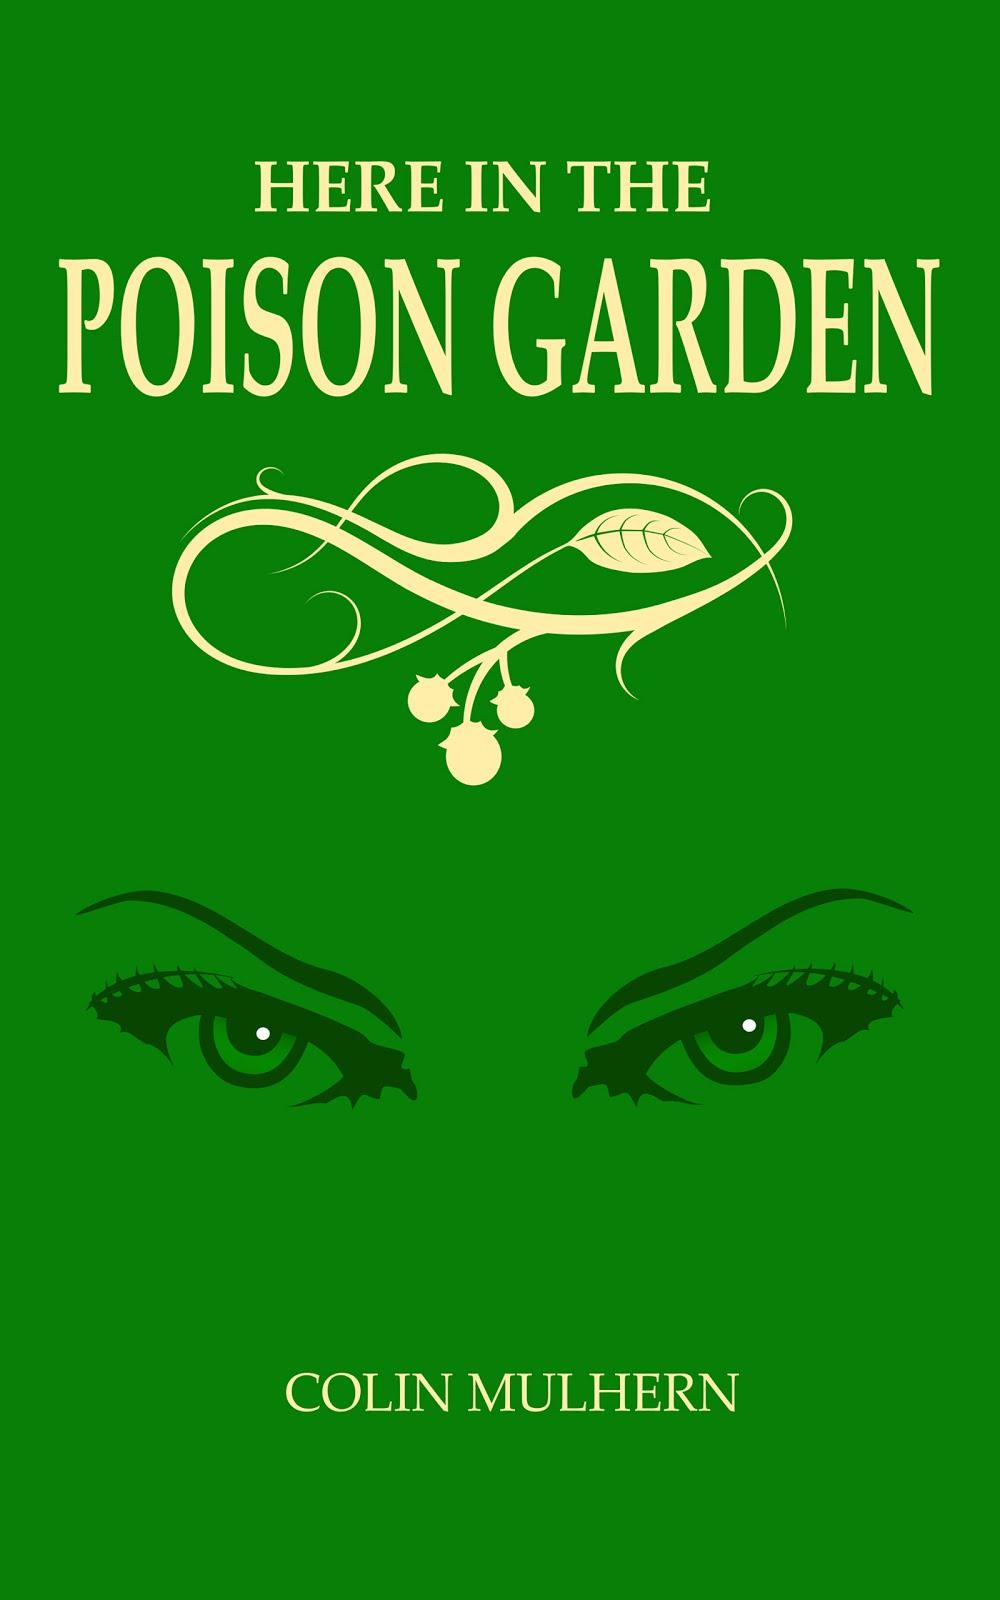 Here in the Poison Garden